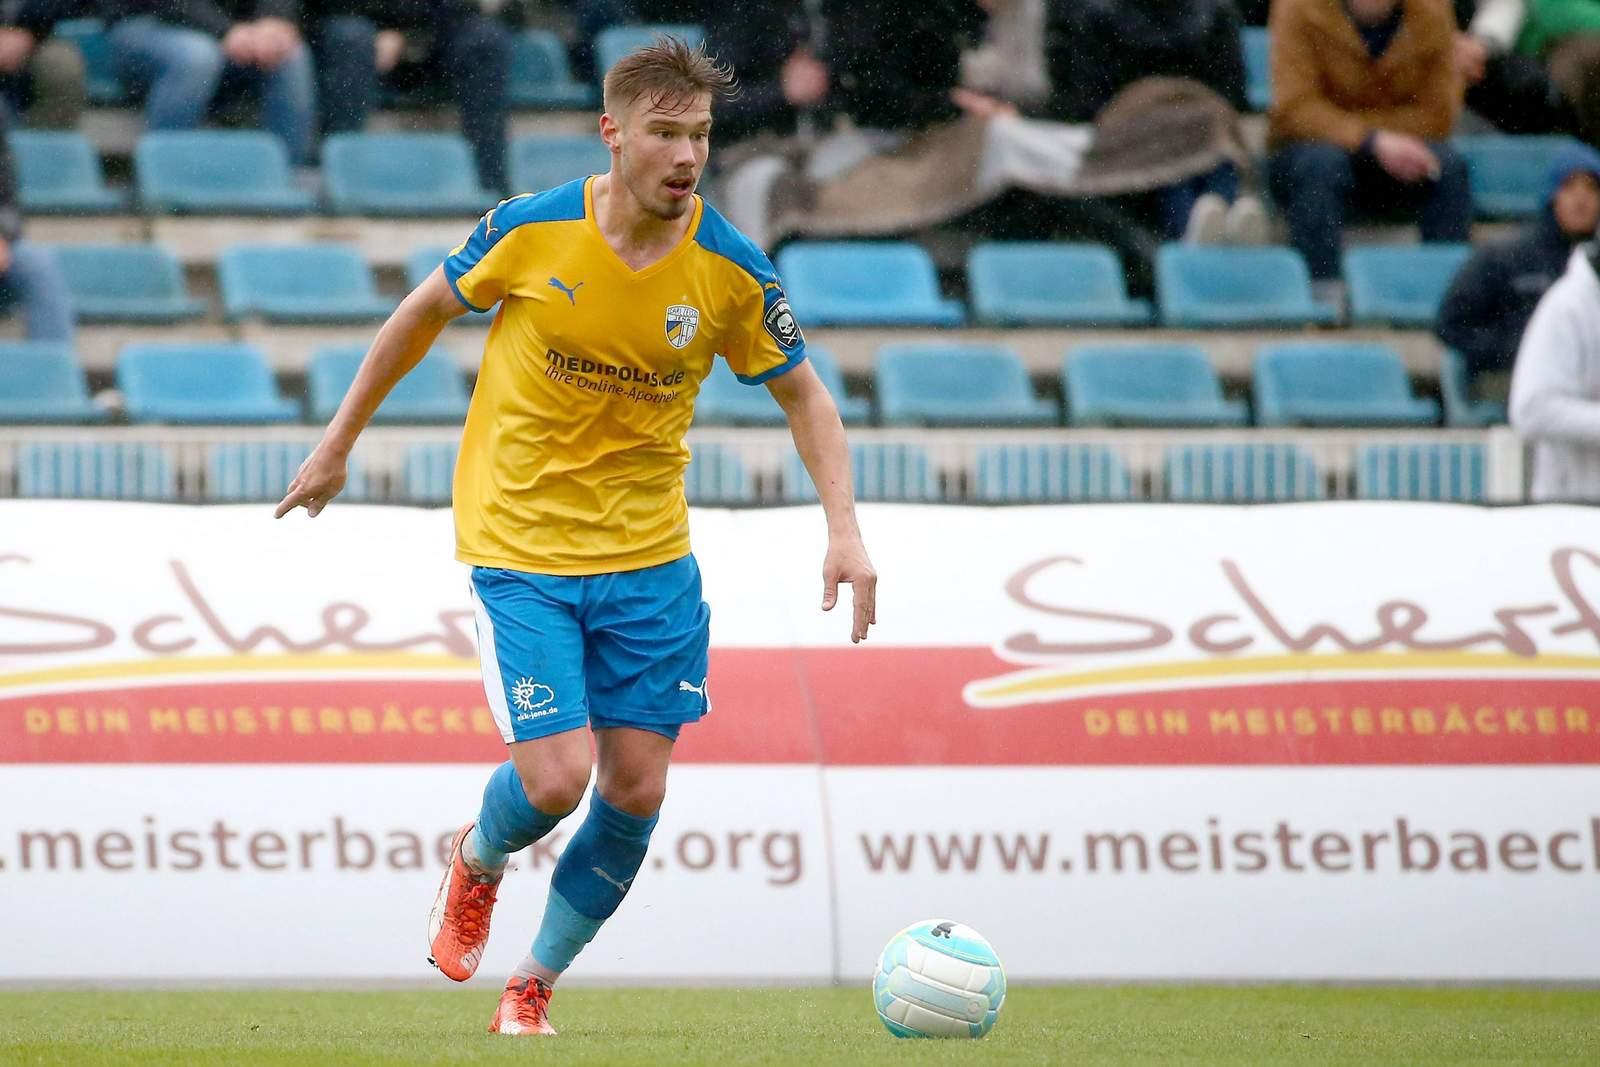 Erst 2018 wieder dabei: Jenas Mittelfeldspieler Niclas Erlbeck